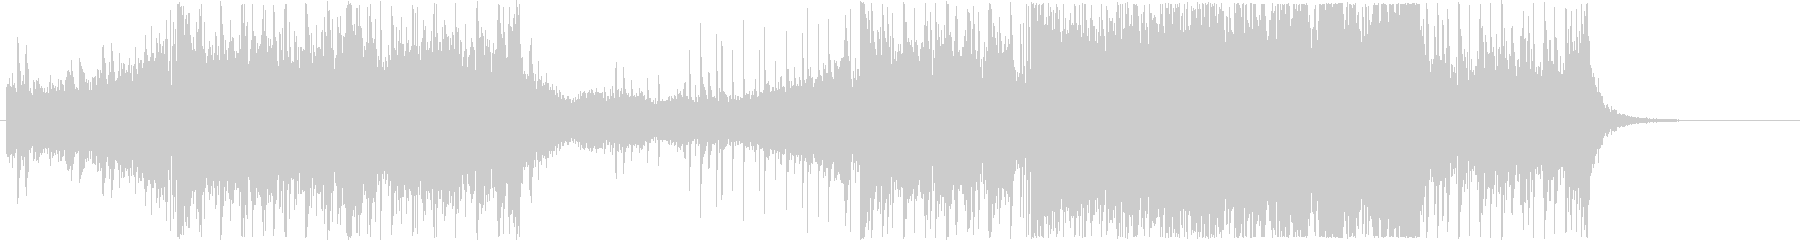 レイドボス戦闘シーン2の未再生の波形